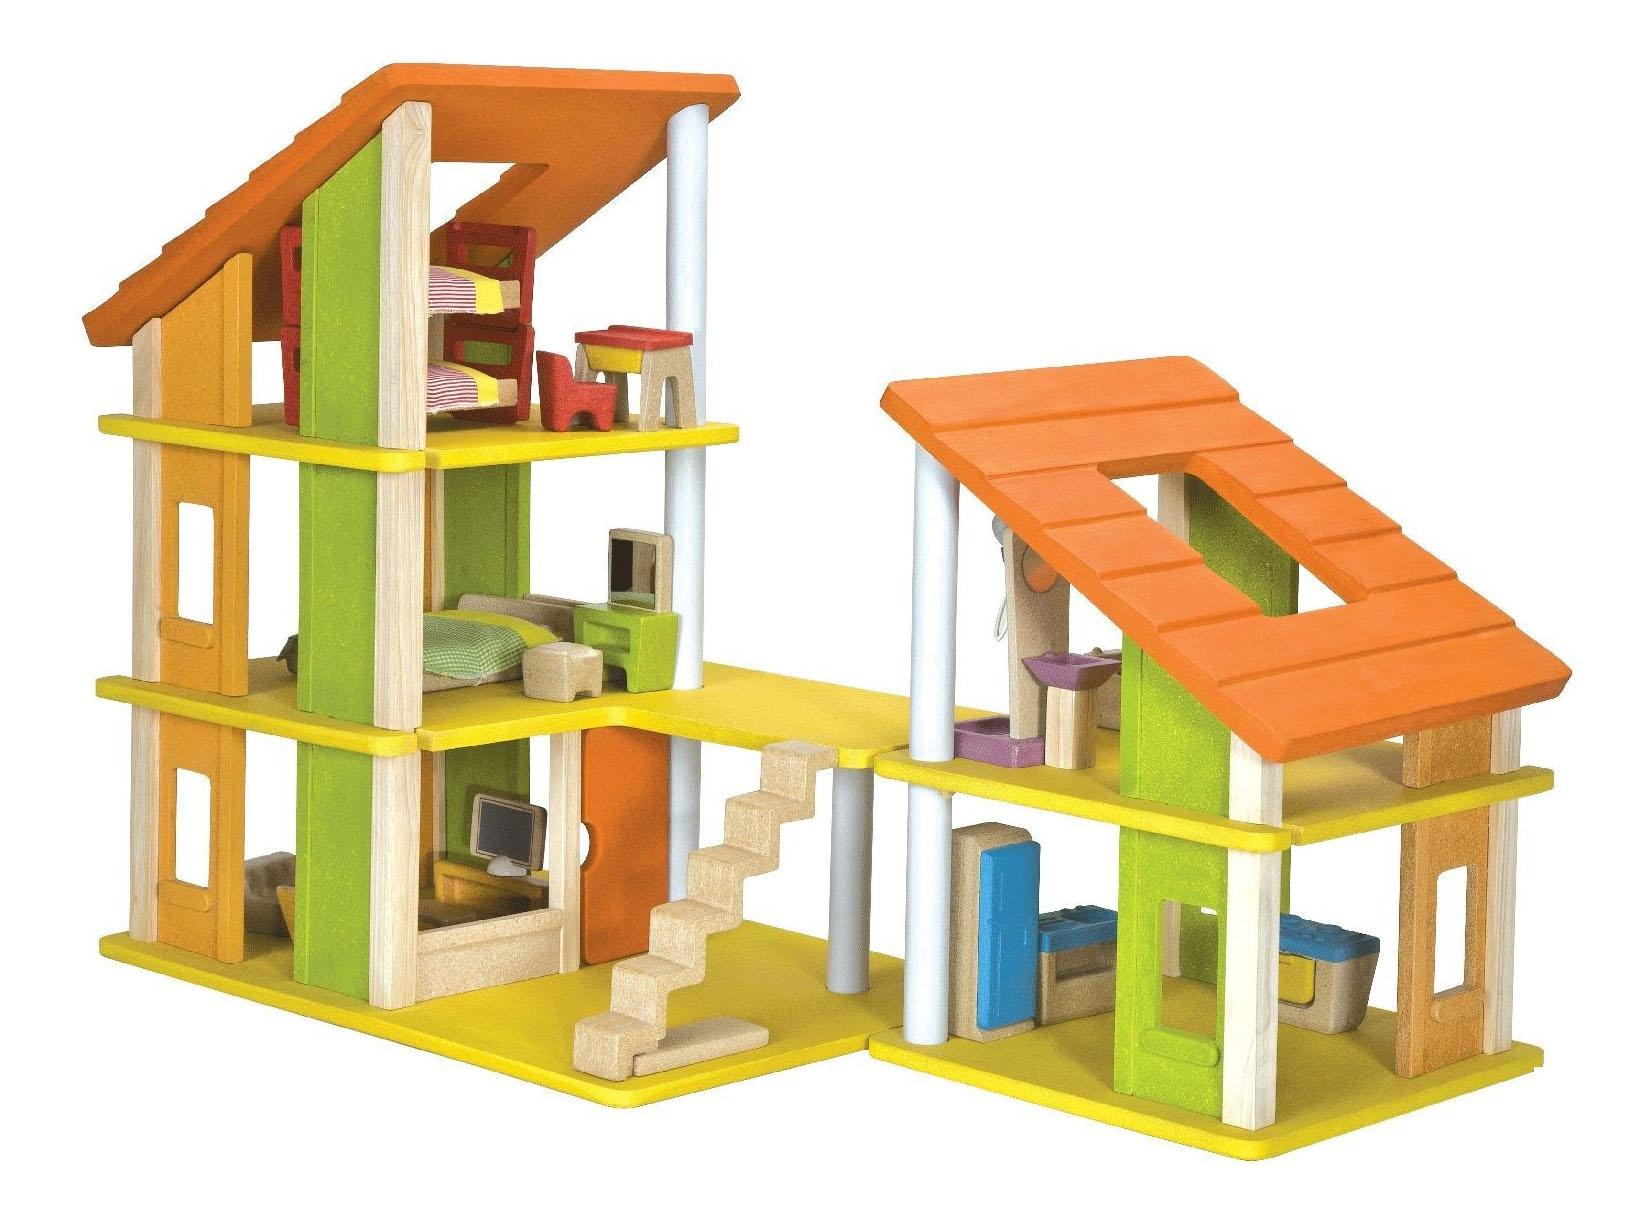 Кукольный дом PlanToys Кукольный Домик Шале с Мебелью фото